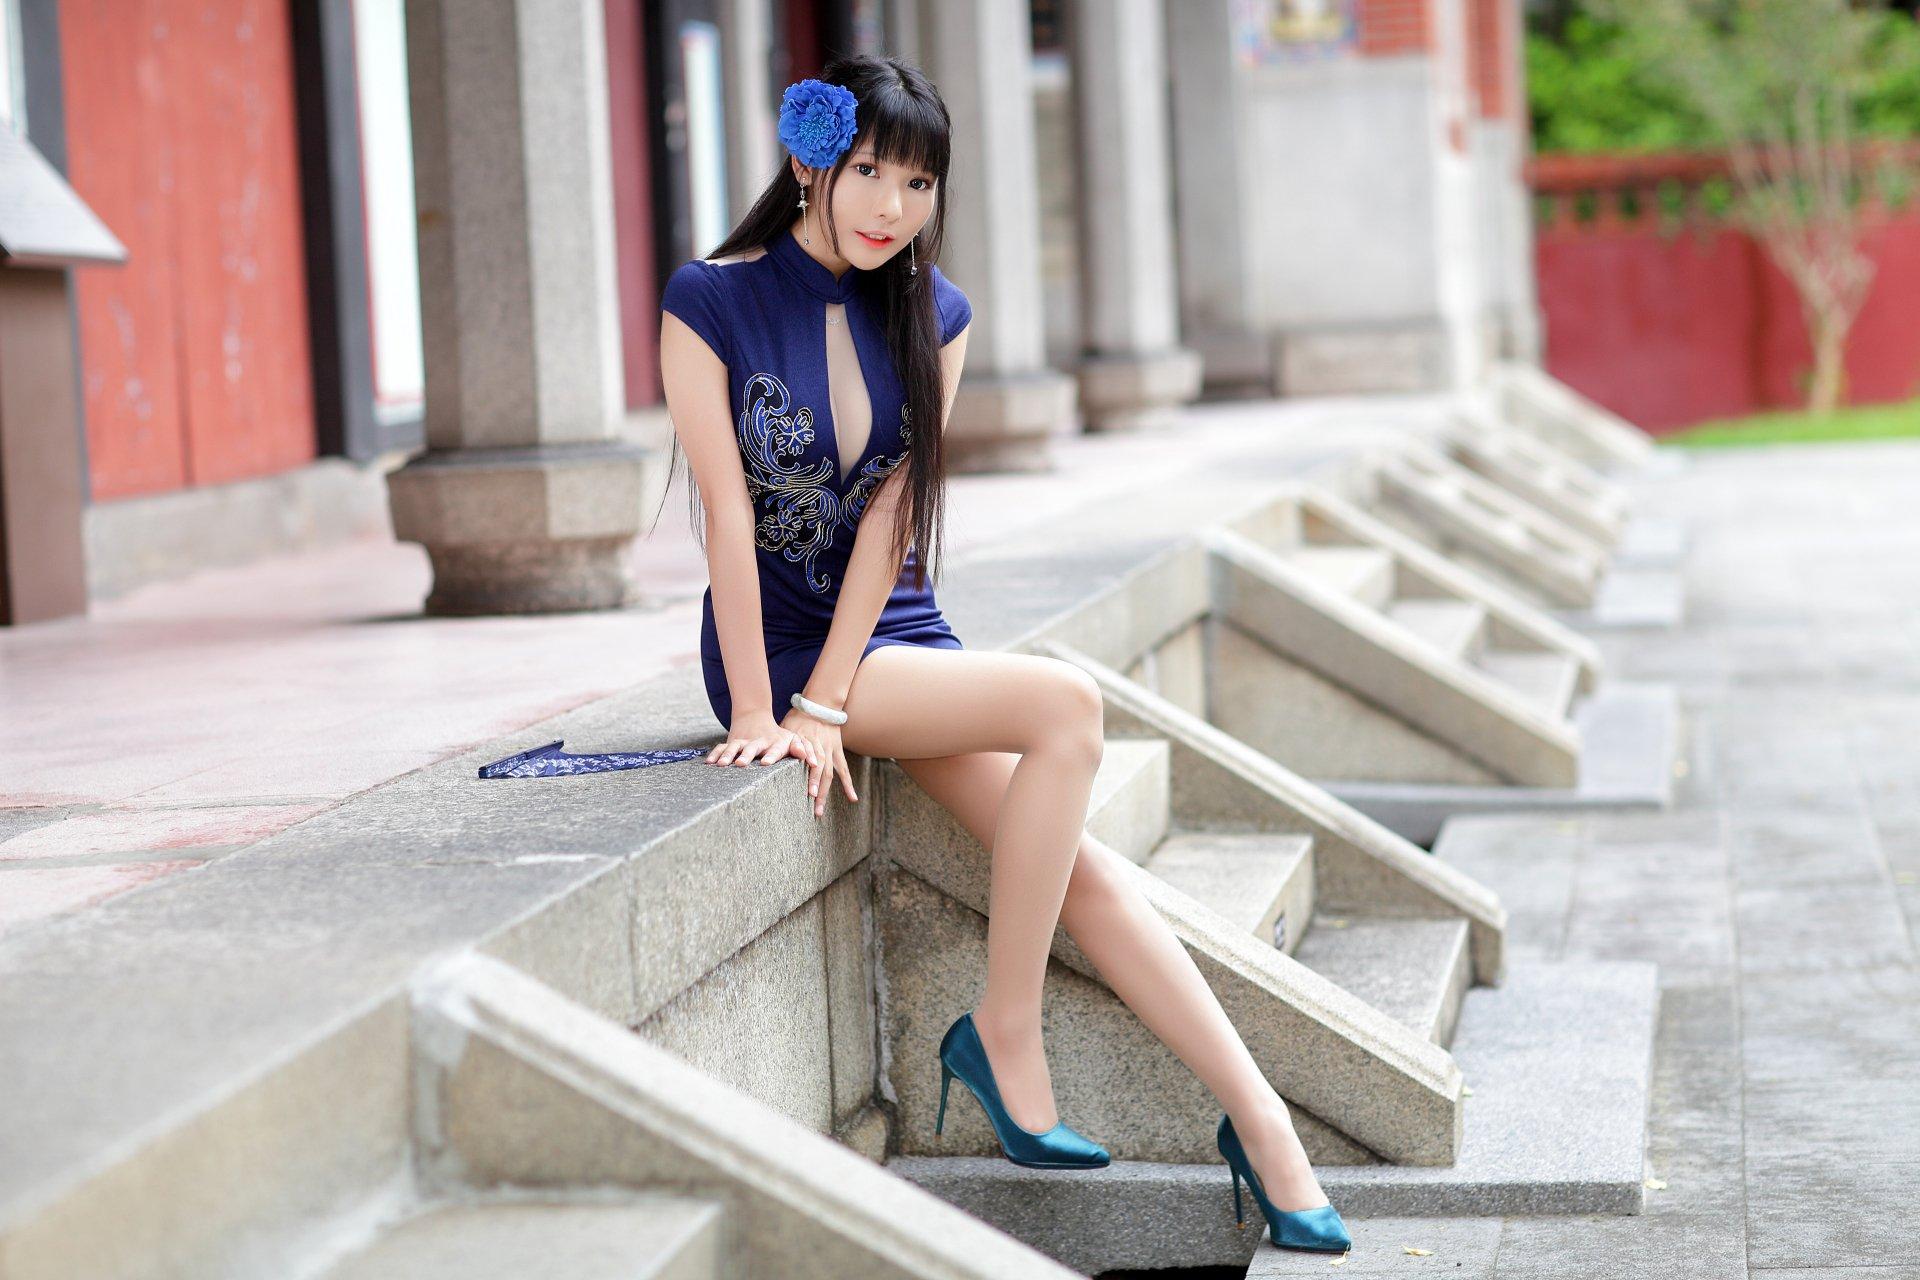 美女-3840x2560